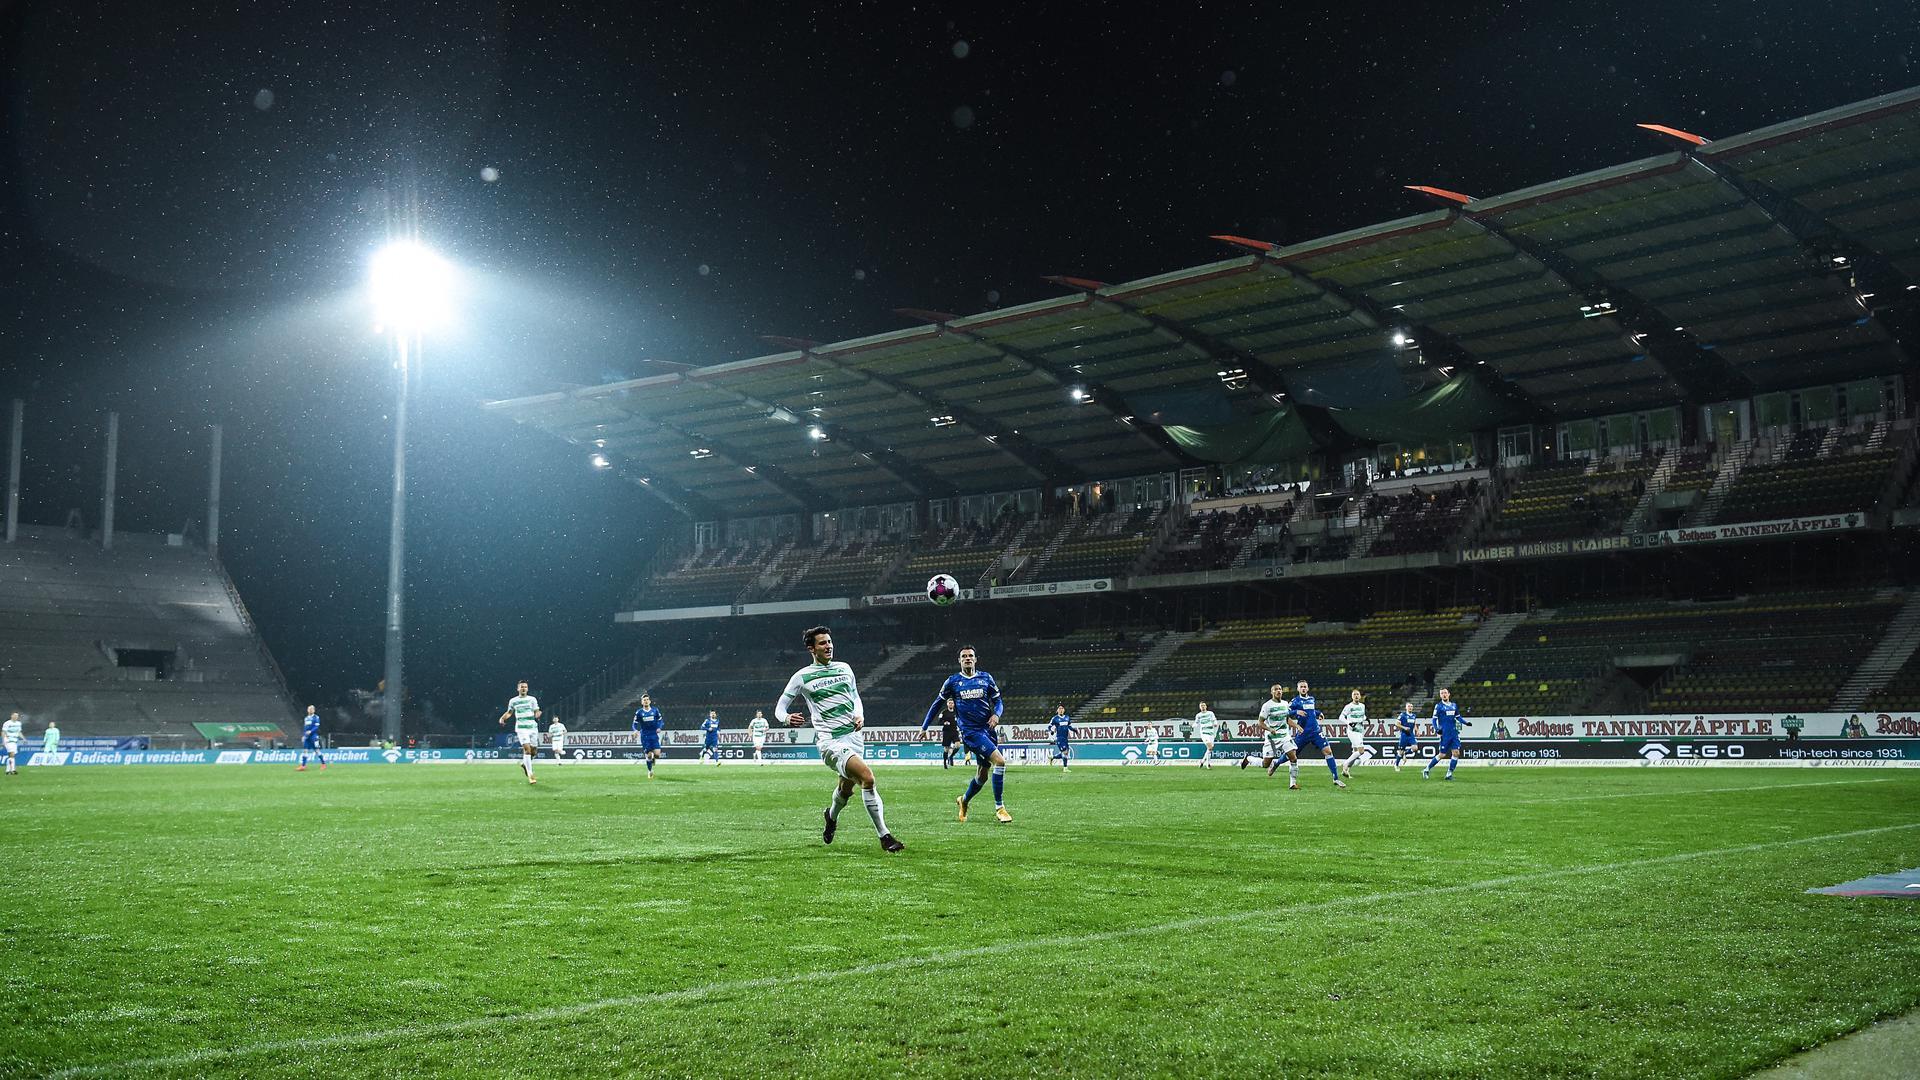 Letztmals in Betrieb: Das Zweitligaspiel des KSC gegen die Spvgg Greuther Fürth war am Freitagabend das Finale für die 28 Jahre alte Haupttribüne.